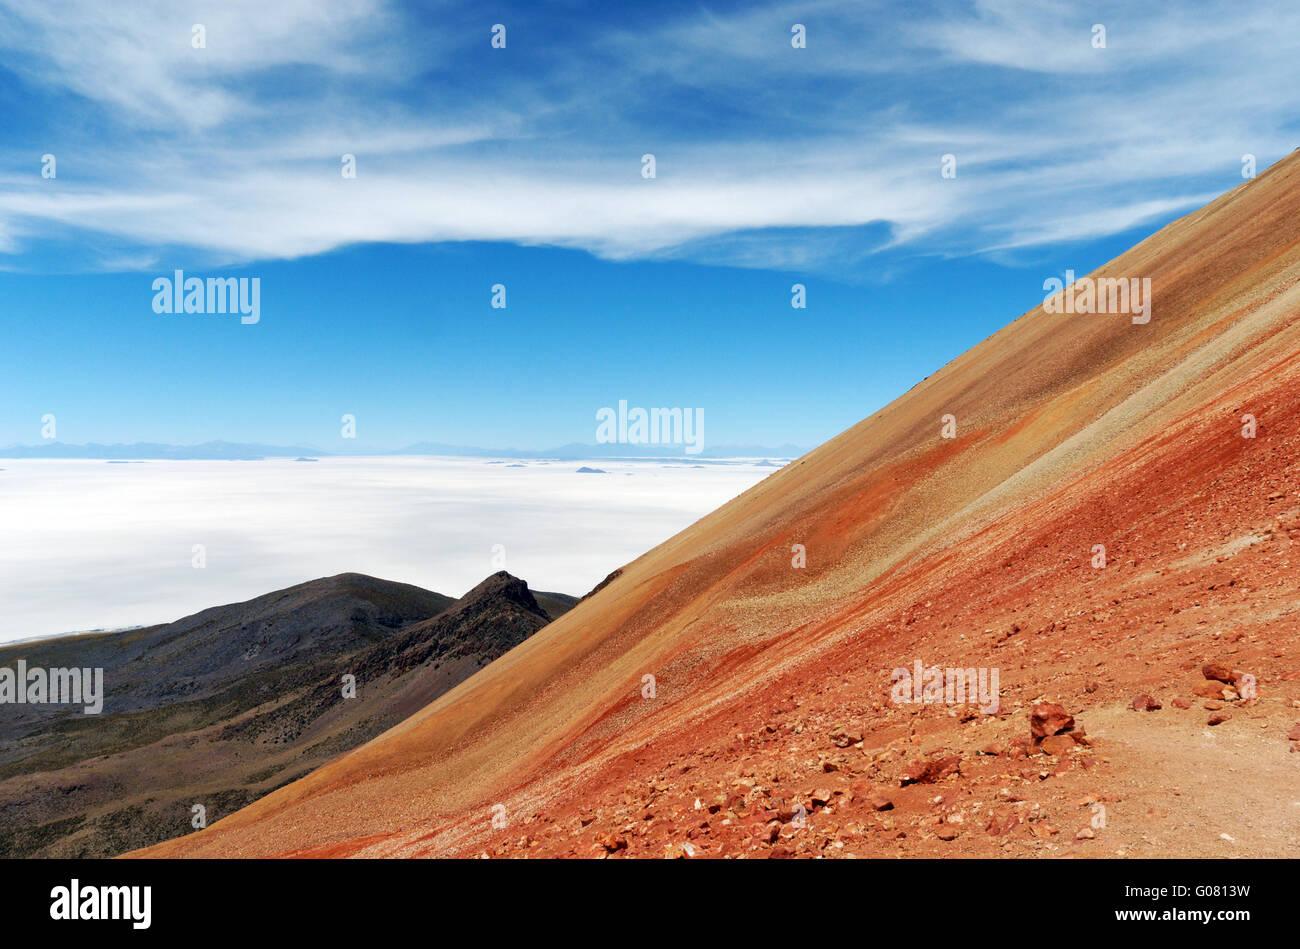 Erstaunliche Geologie auf dem Gipfel des Vulkans Tunupa in der Salar de Uyuni in Bolivien Stockbild